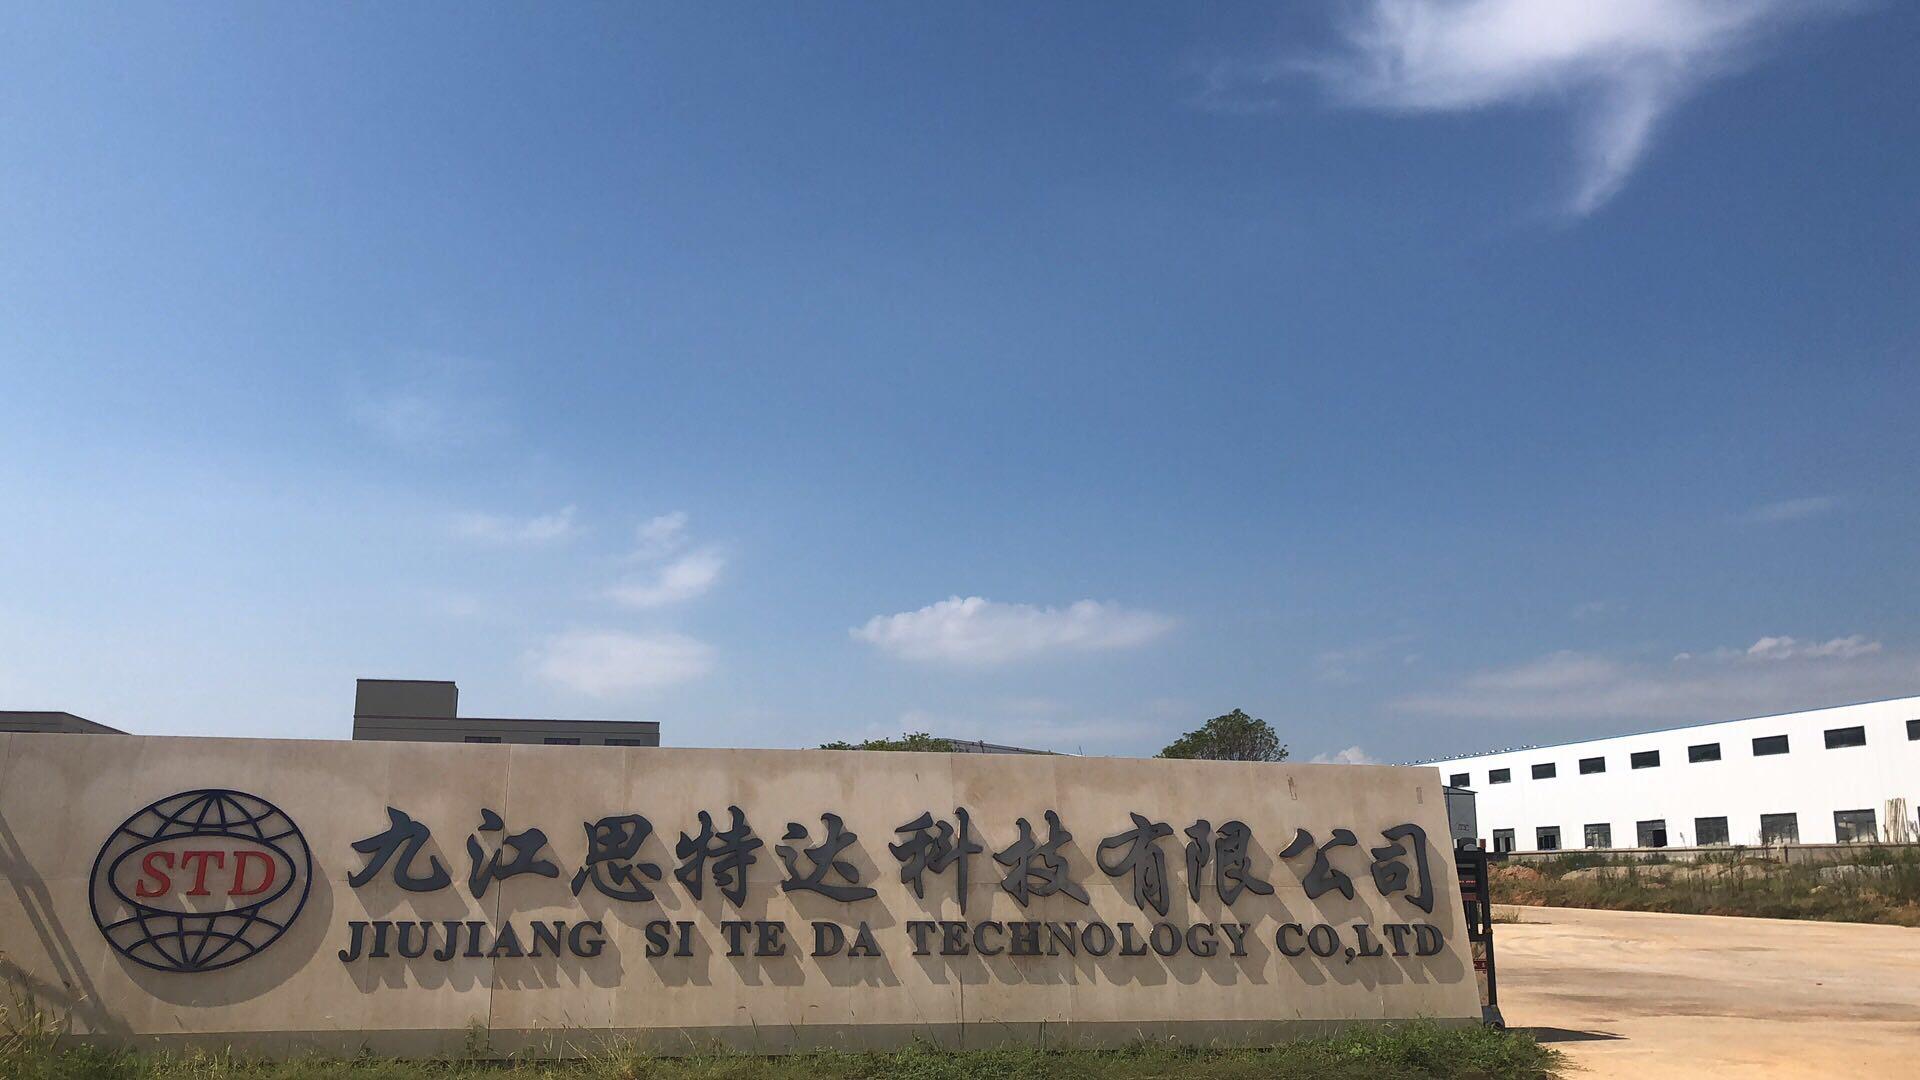 九江思特达科技有限公司